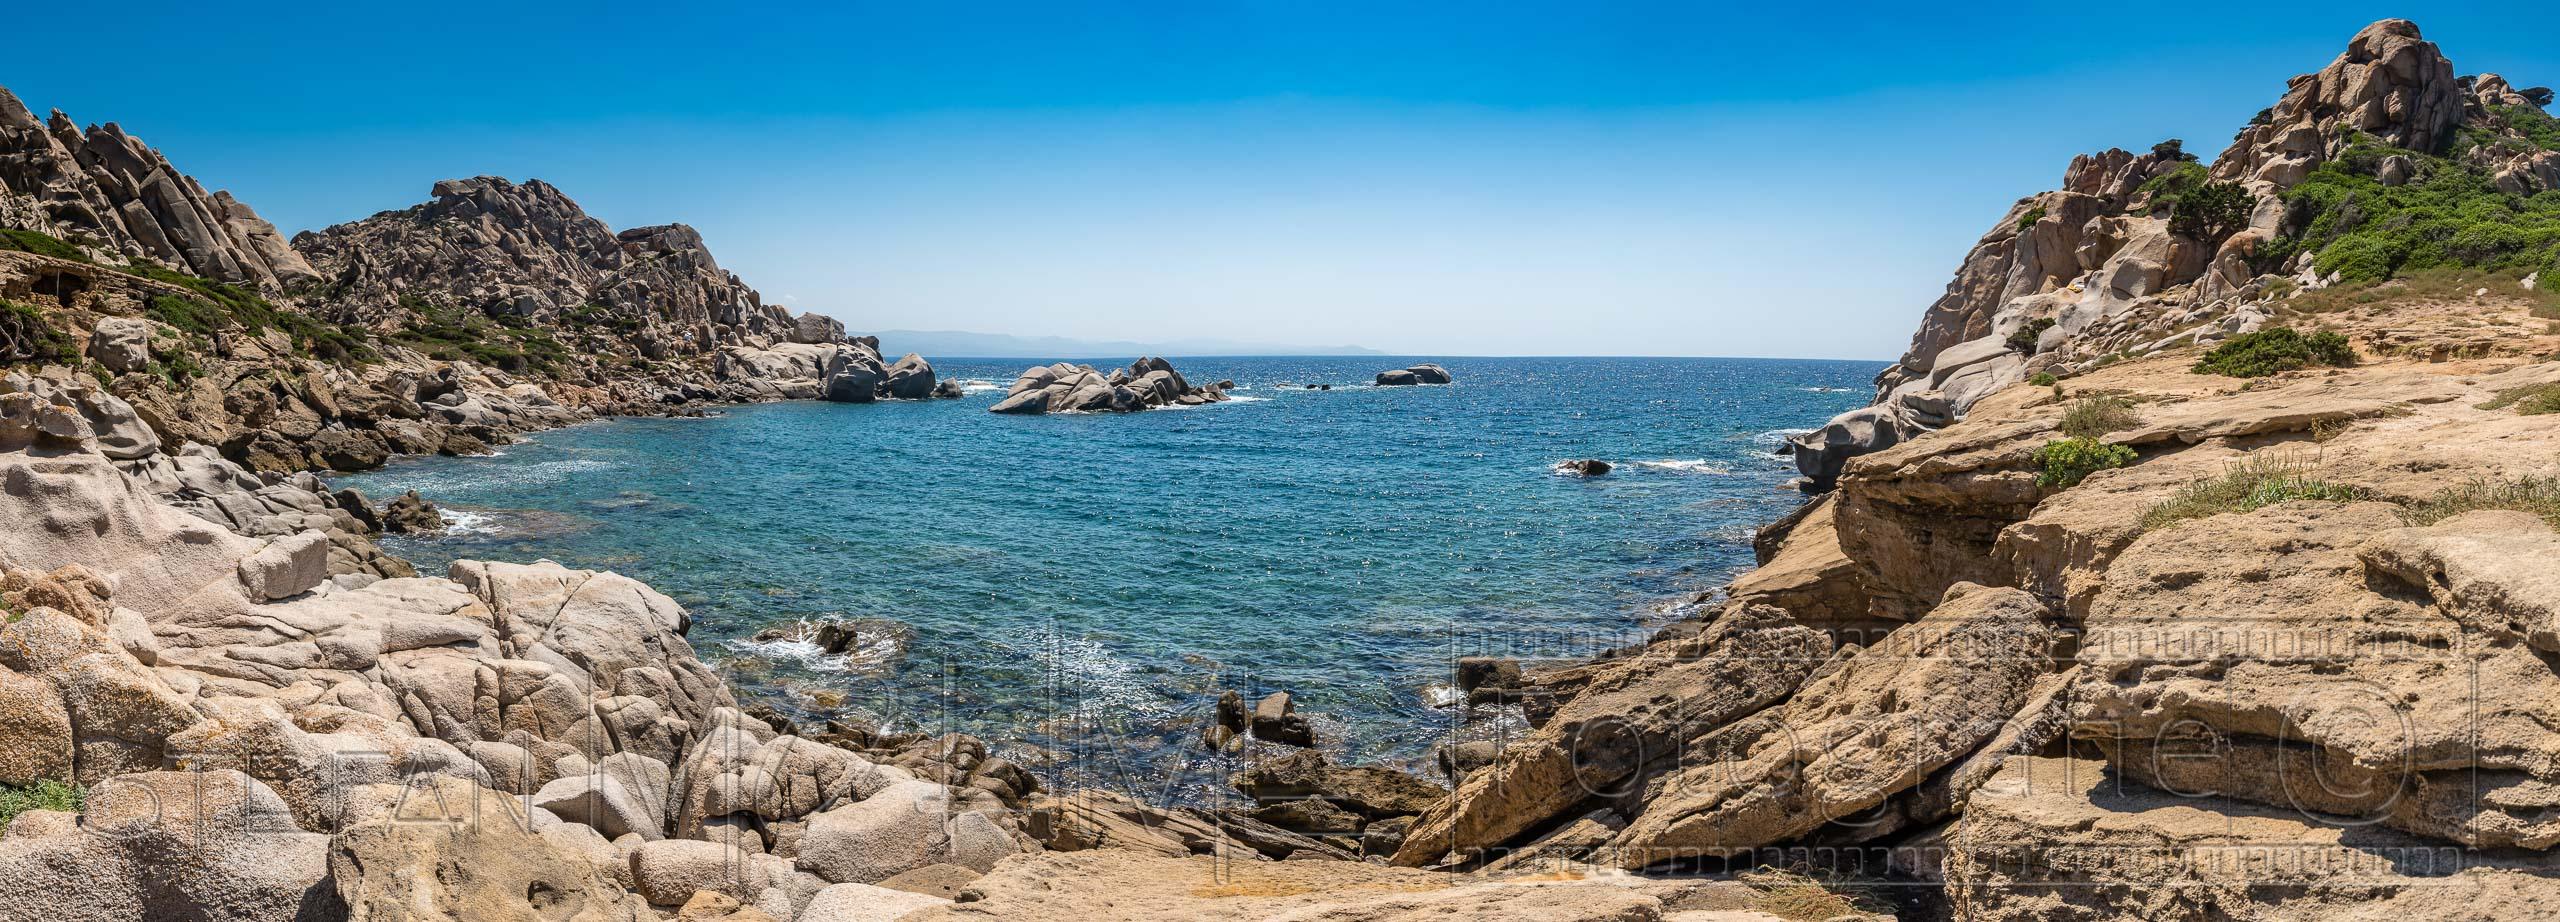 Capo Testa, Fotospaziergang auf Sardinien.